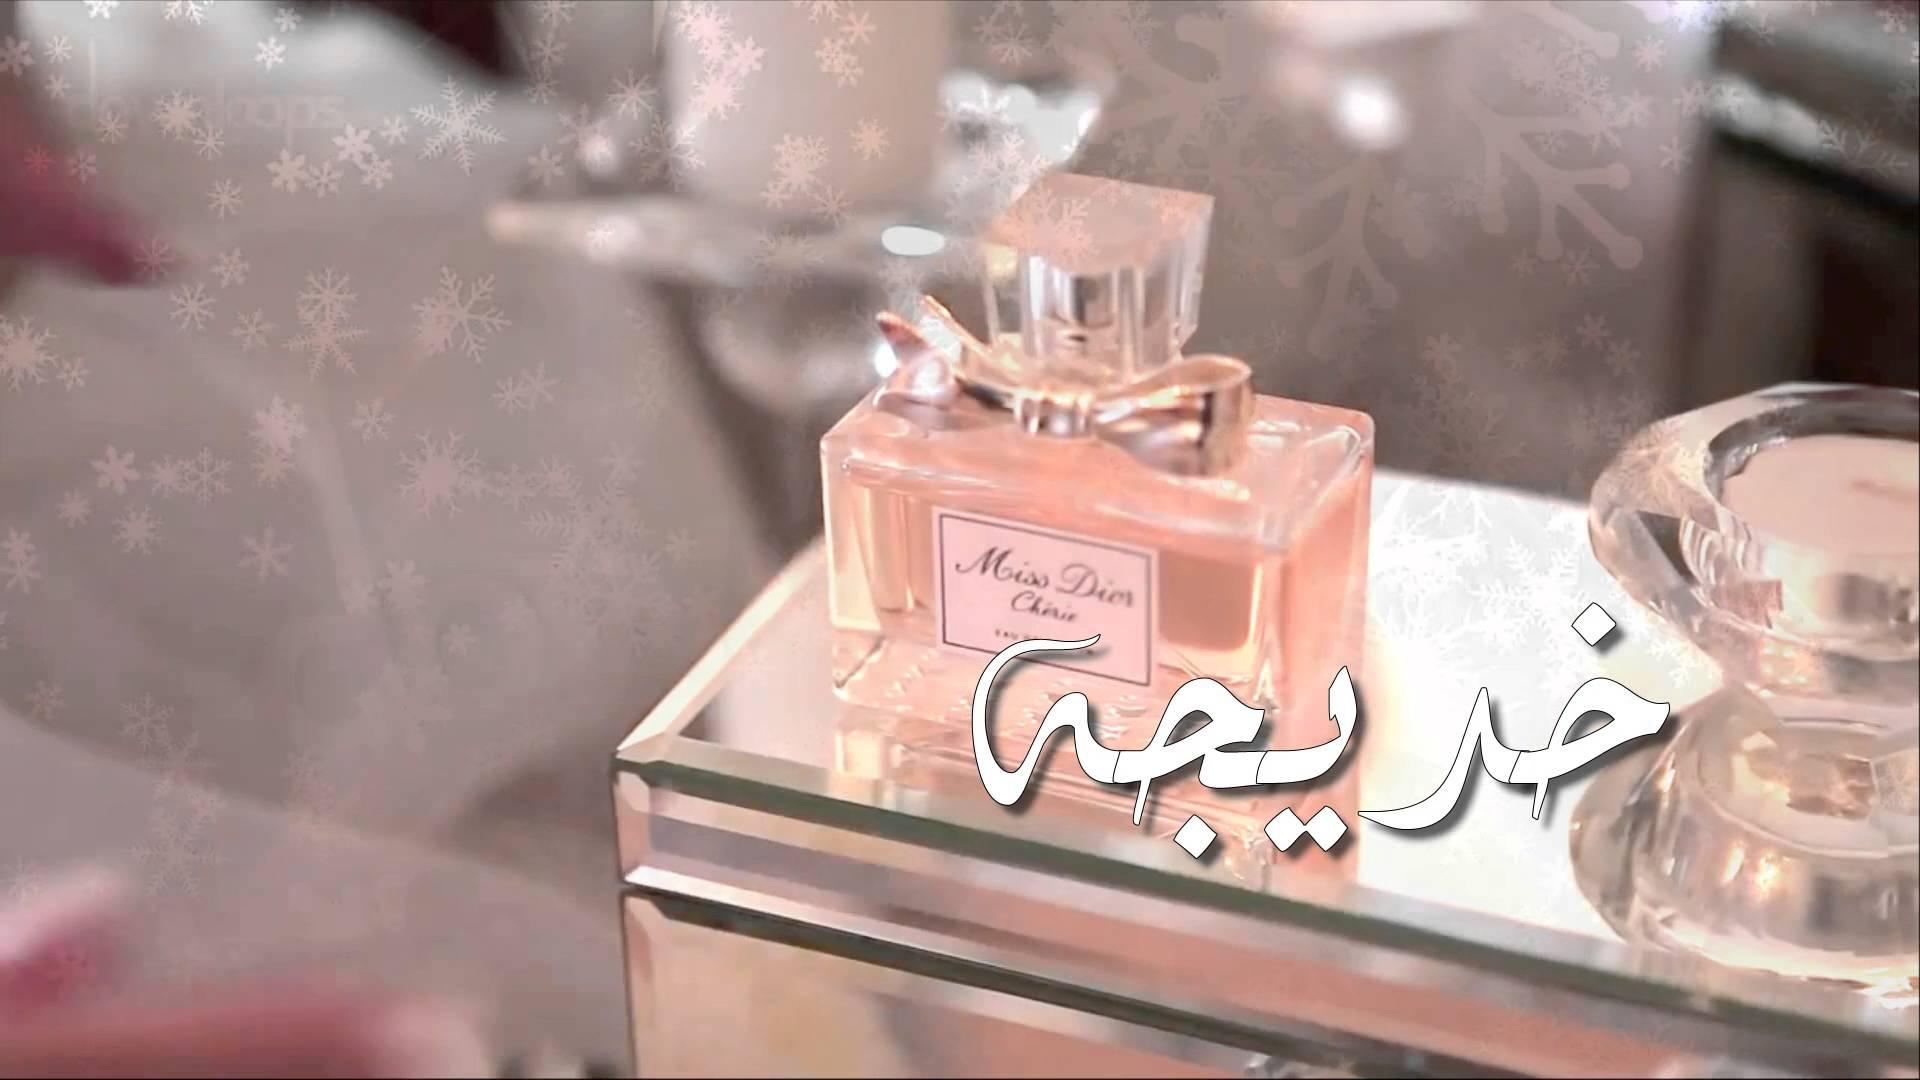 بالصور صور اسم خديجة , اسم خديجه بالصور المزخرفه 976 6